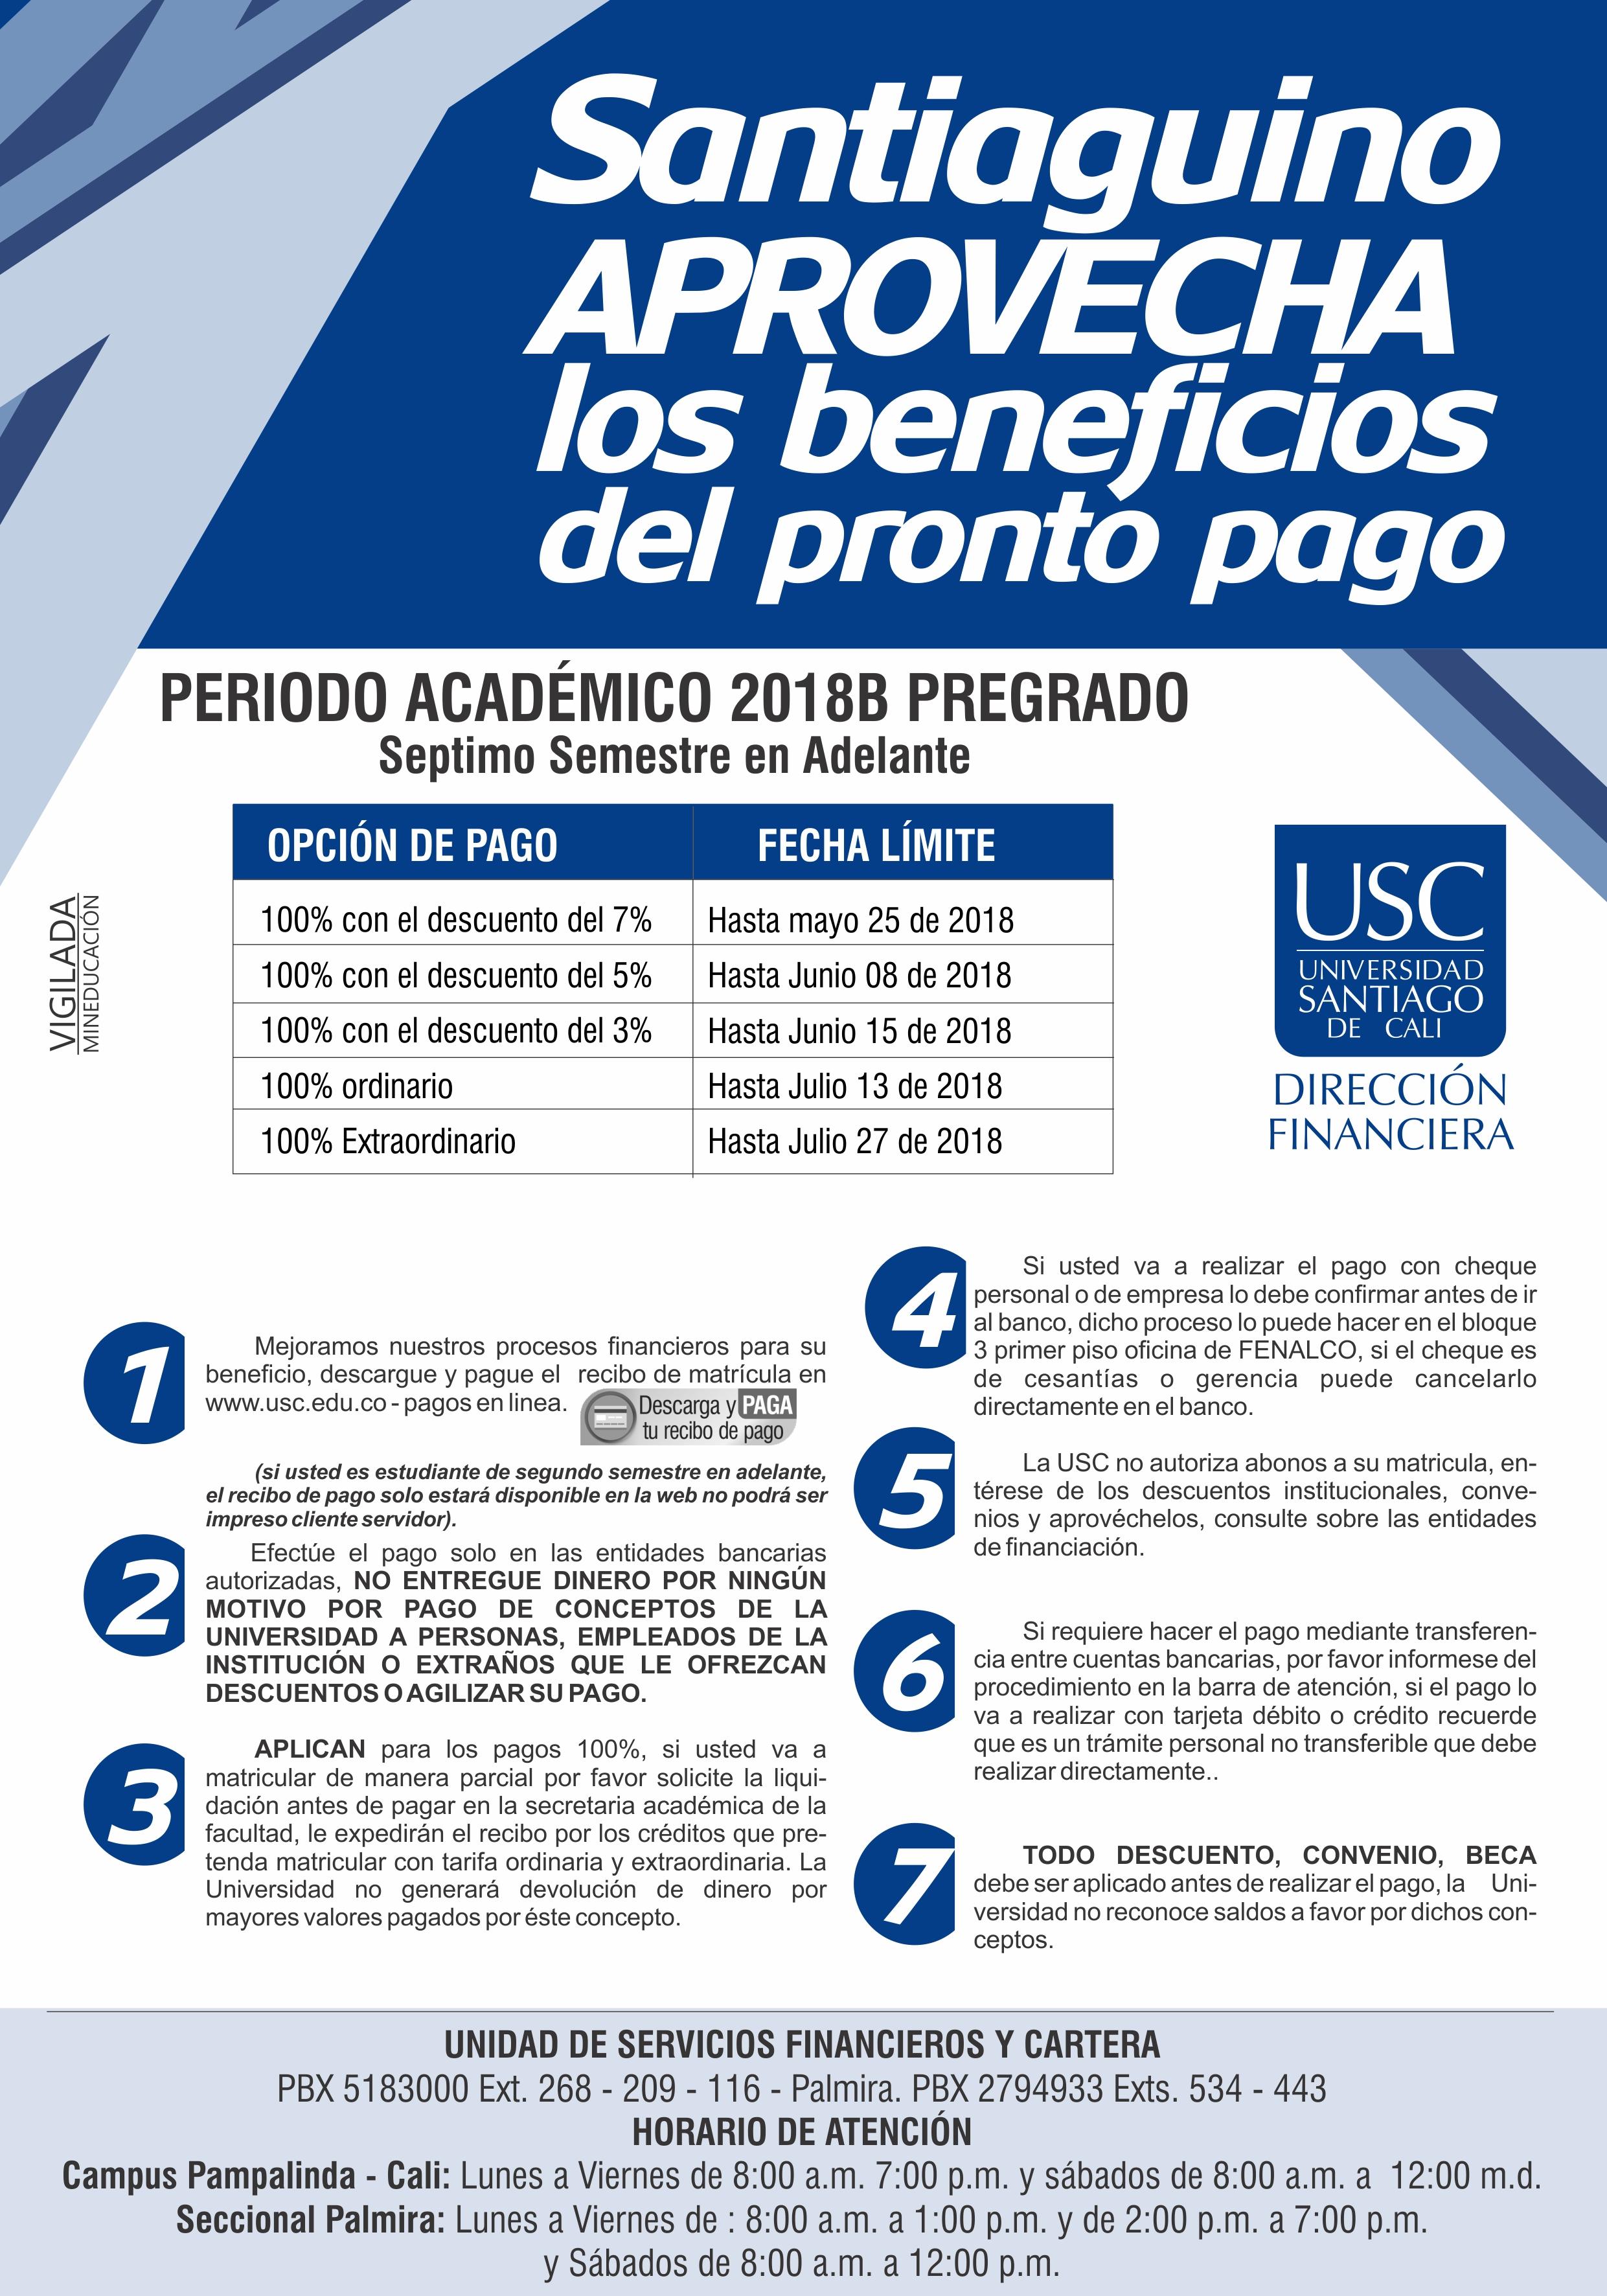 AFICHE PRONTO PAGO 2018B 1